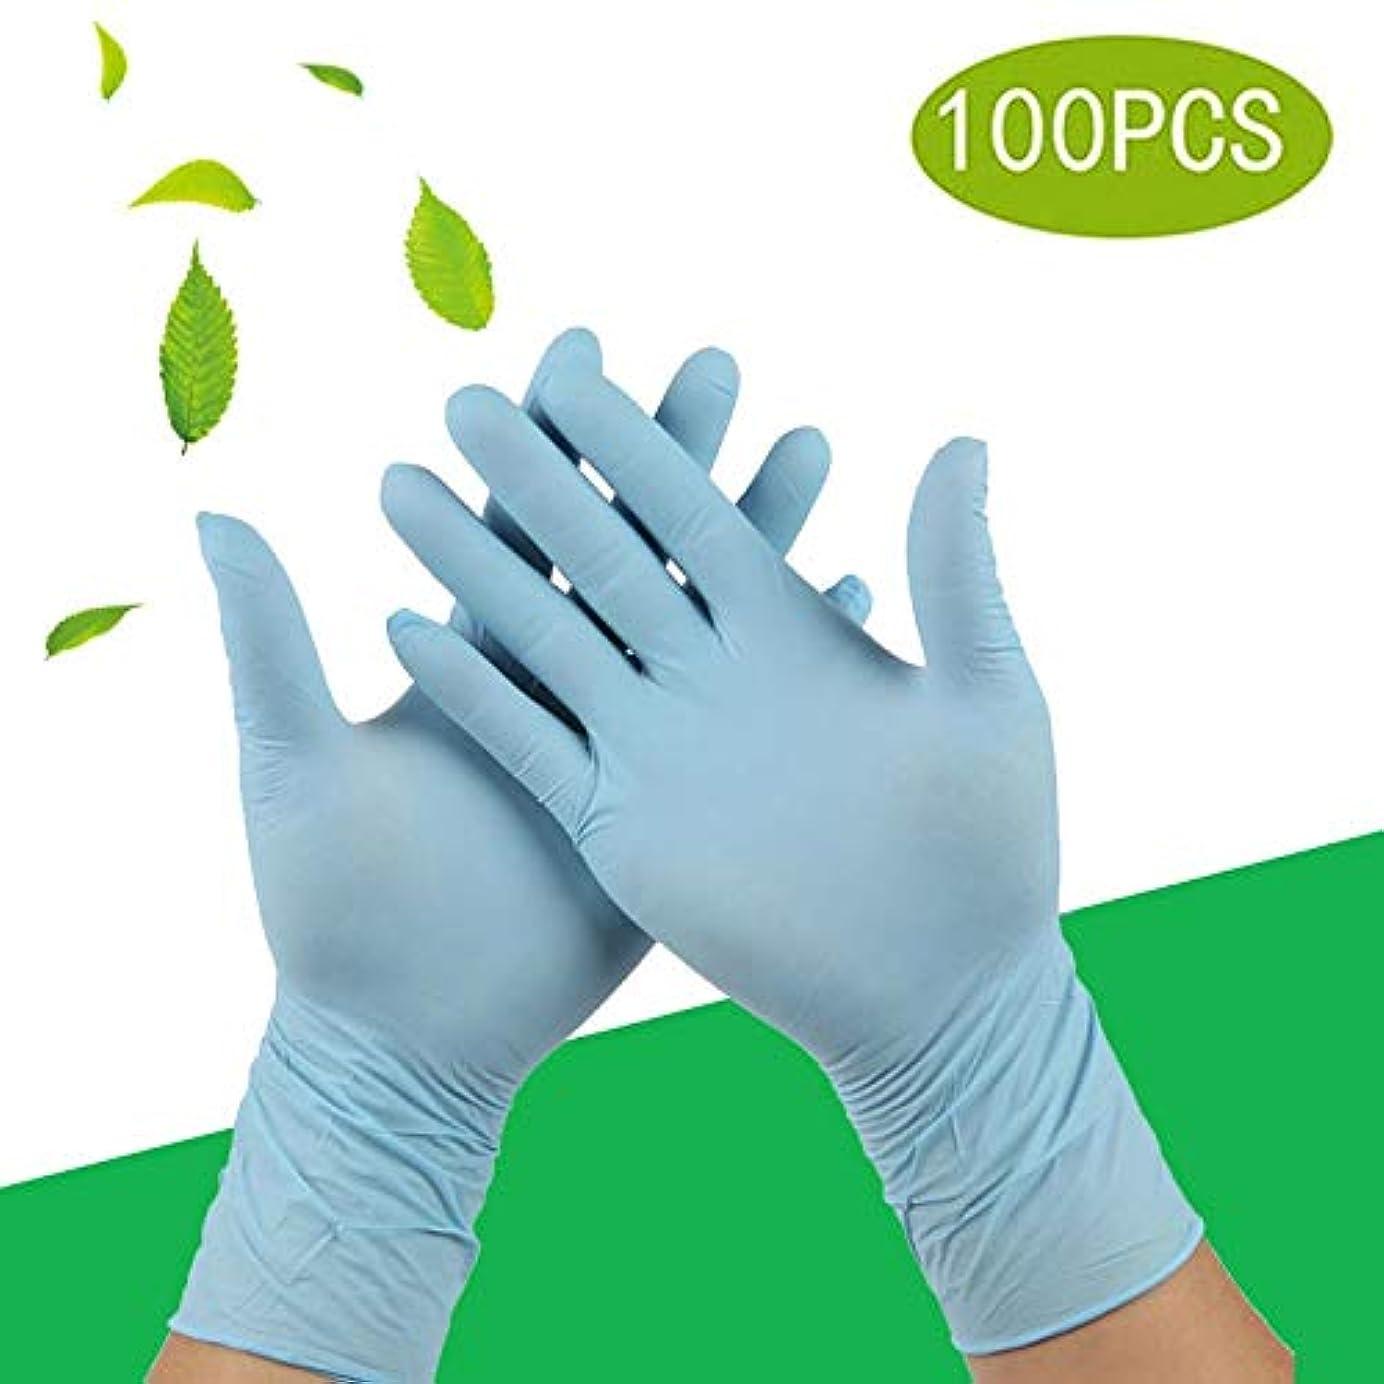 どこにも怒りリンス耐酸性および耐アルカリ性試験ニトリル試験用手袋、使い捨て、医療用グレード100カウント (Size : S)